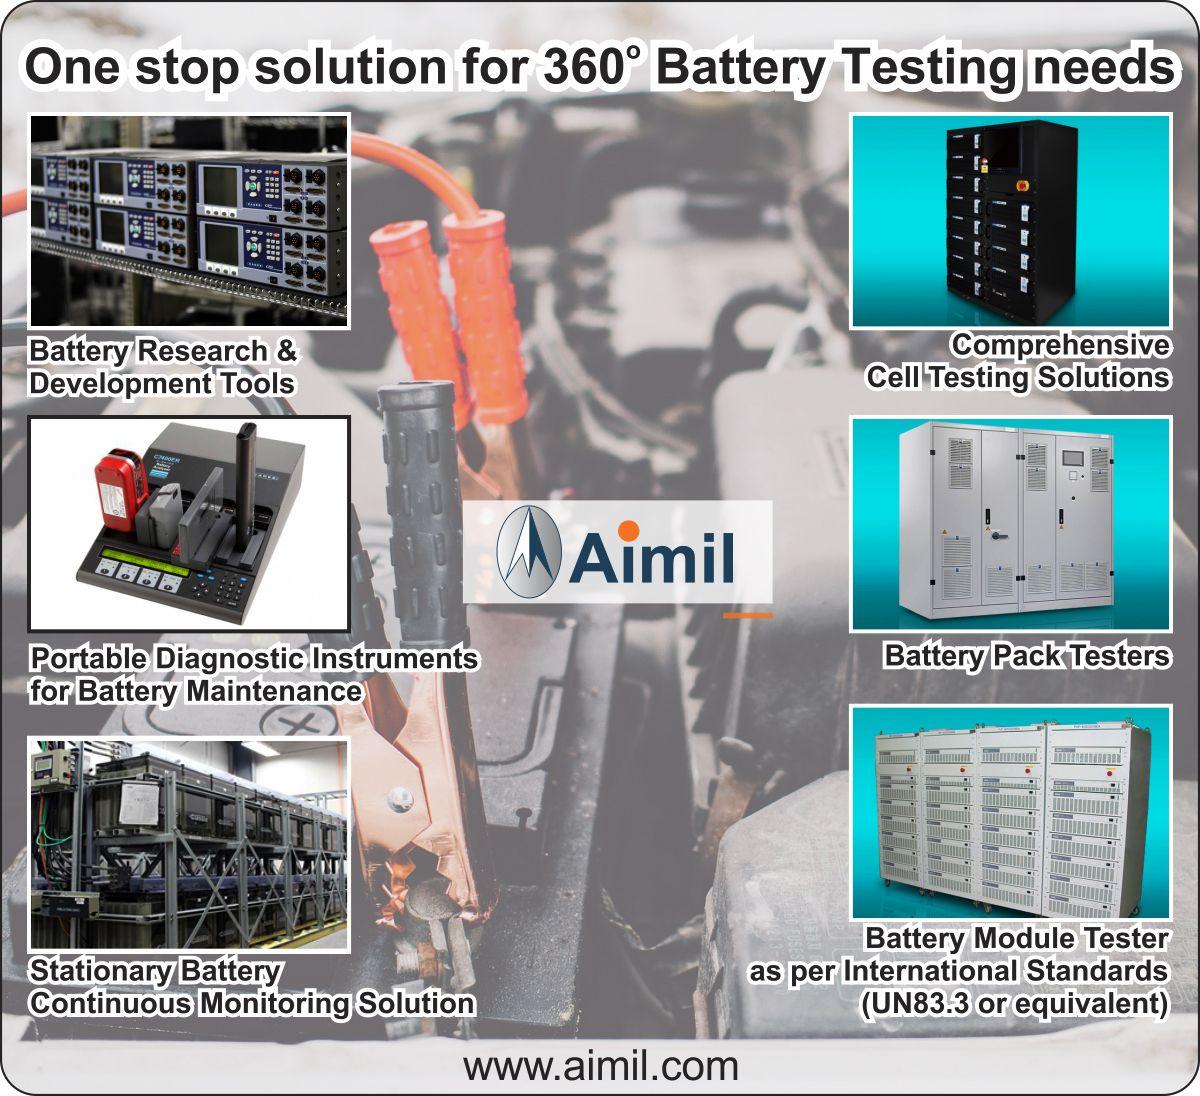 One stop solution for 360 deg battery testing needs